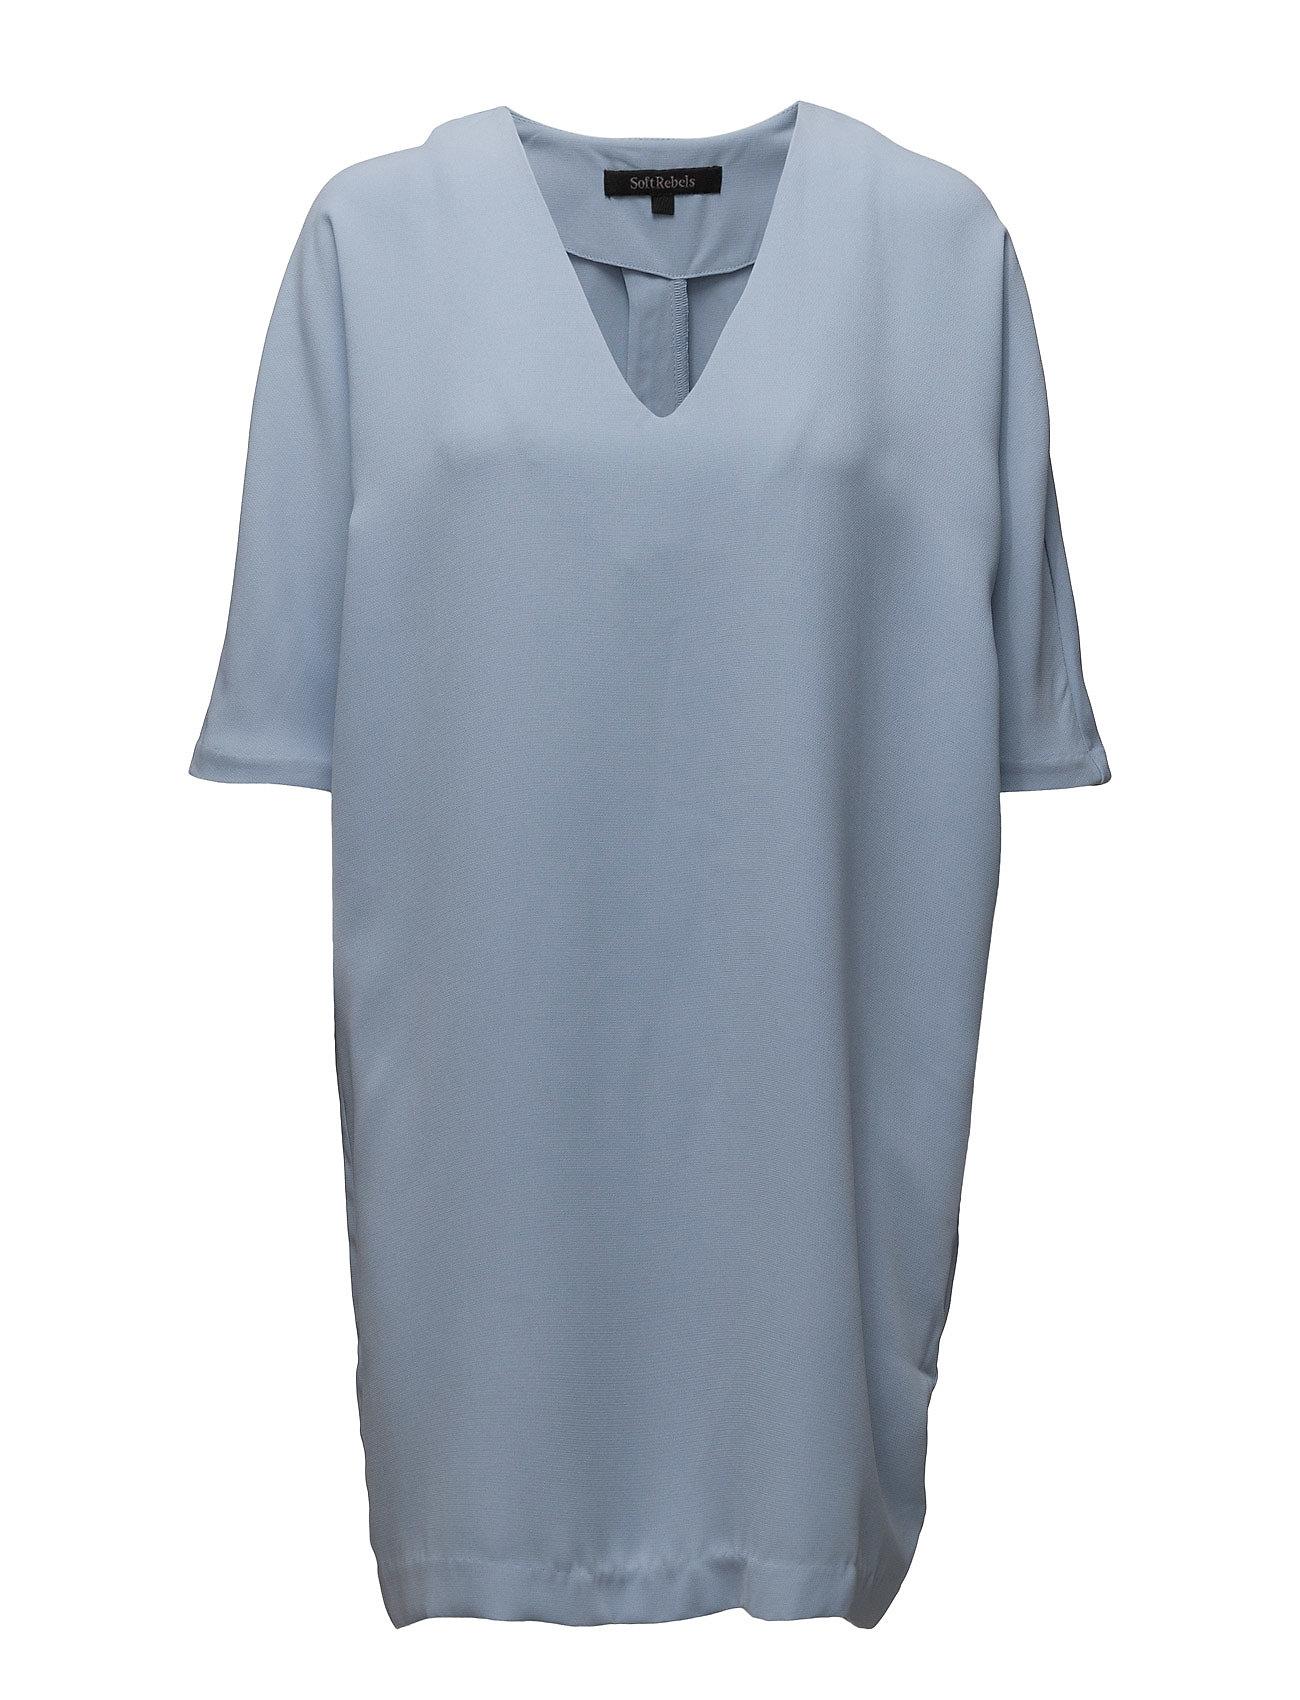 Eda Dress Soft Rebels Korte kjoler til Kvinder i